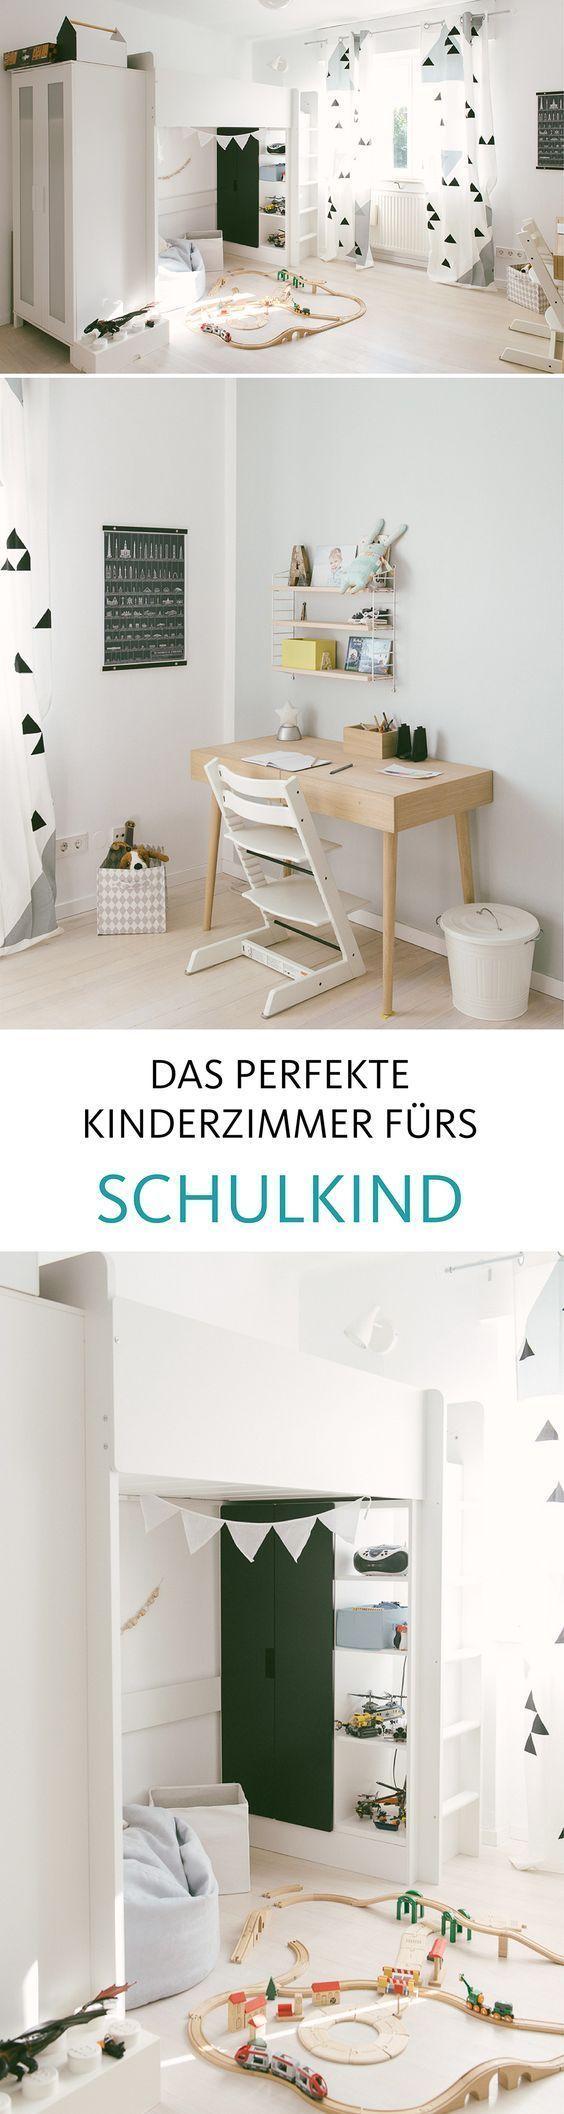 Die besten 25 kinderfrisuren jungen ideen auf pinterest kleinkind junge haarschnitt - Kinderzimmer schulkind ...